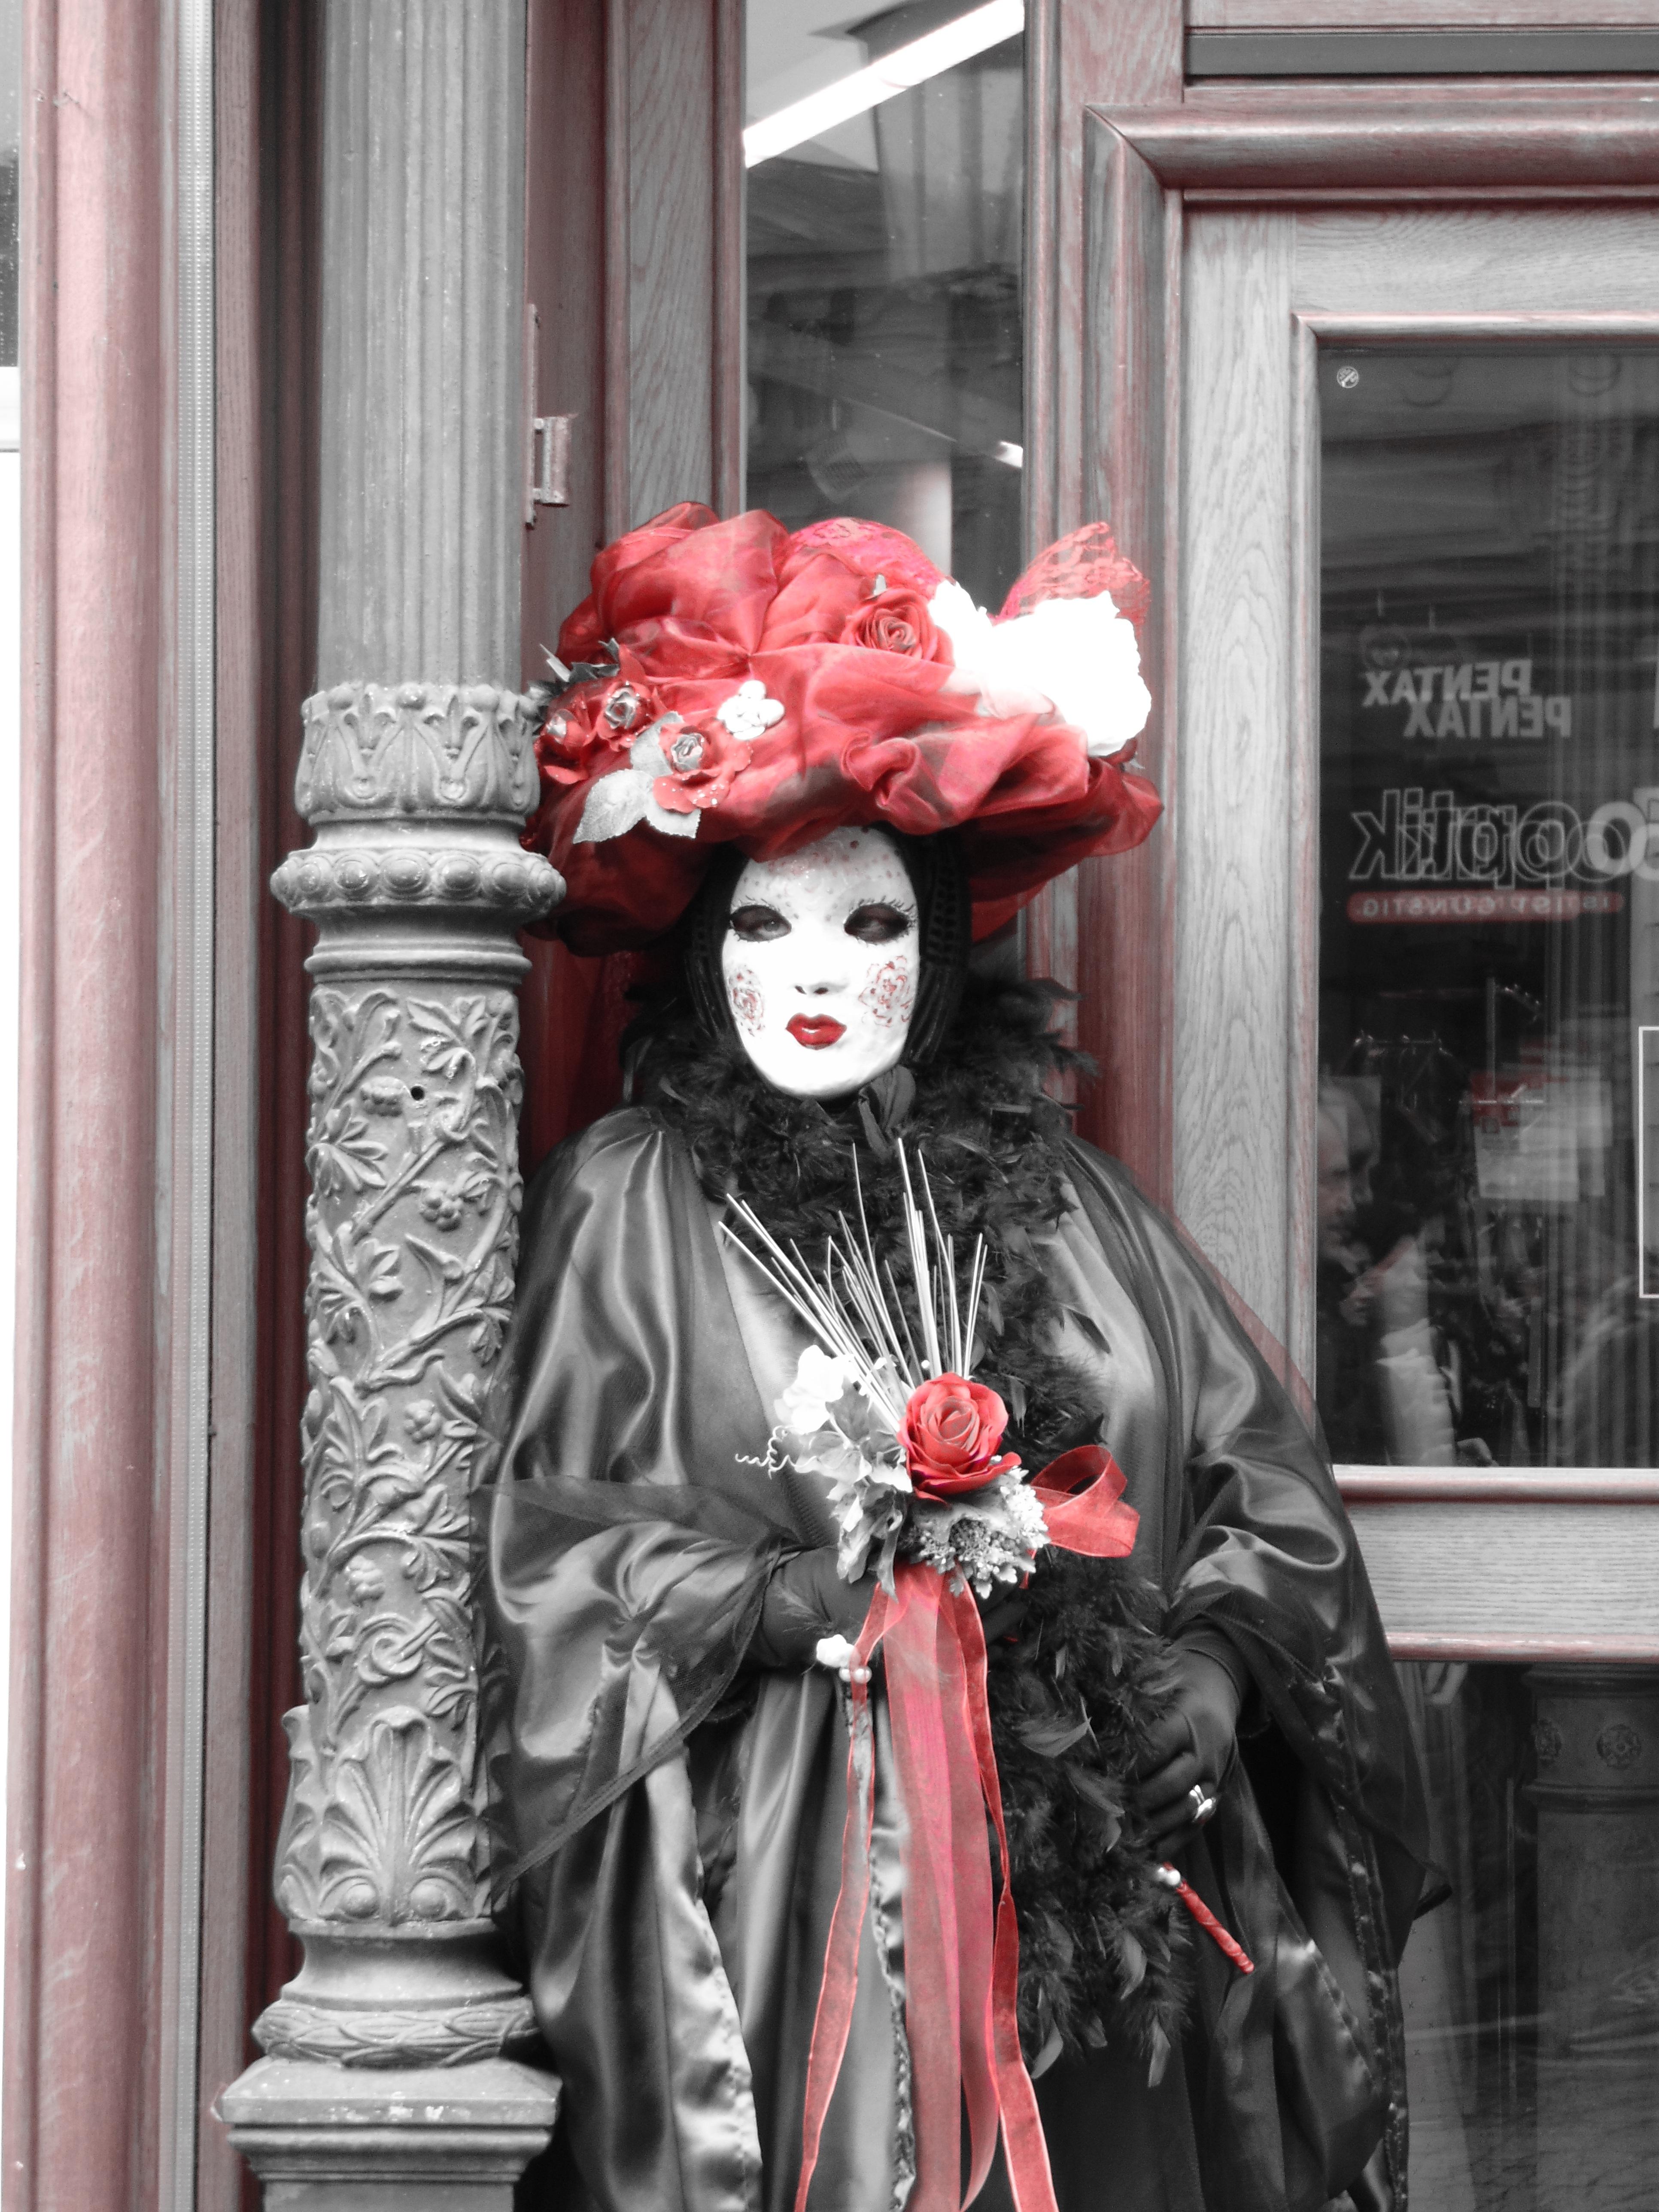 arriva scarpe autunnali in vendita online Immagini Belle : statua, ritratto, rosso, carnevale, capi di ...